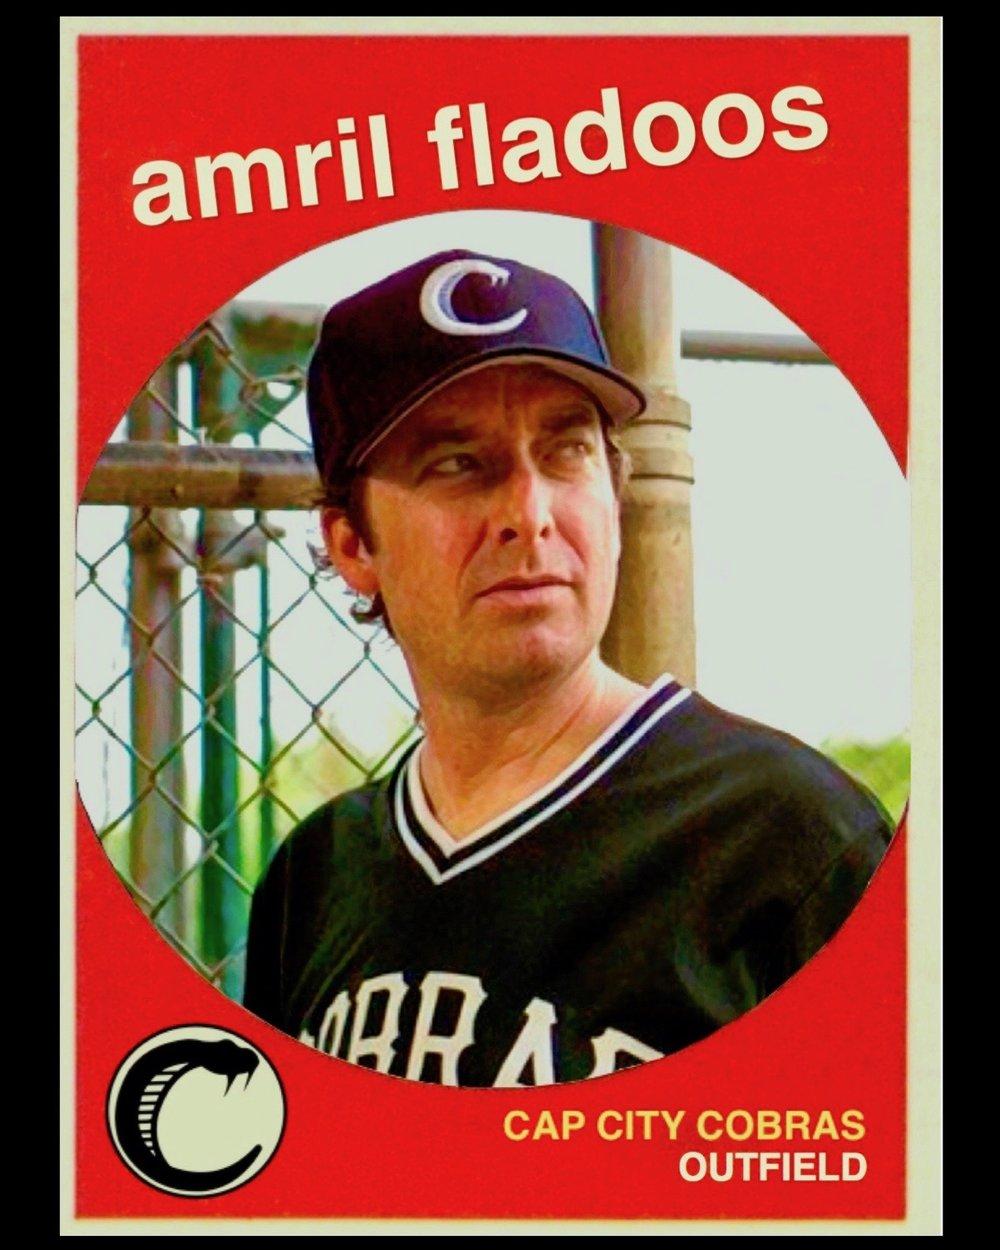 #5 - Amril Fladoos